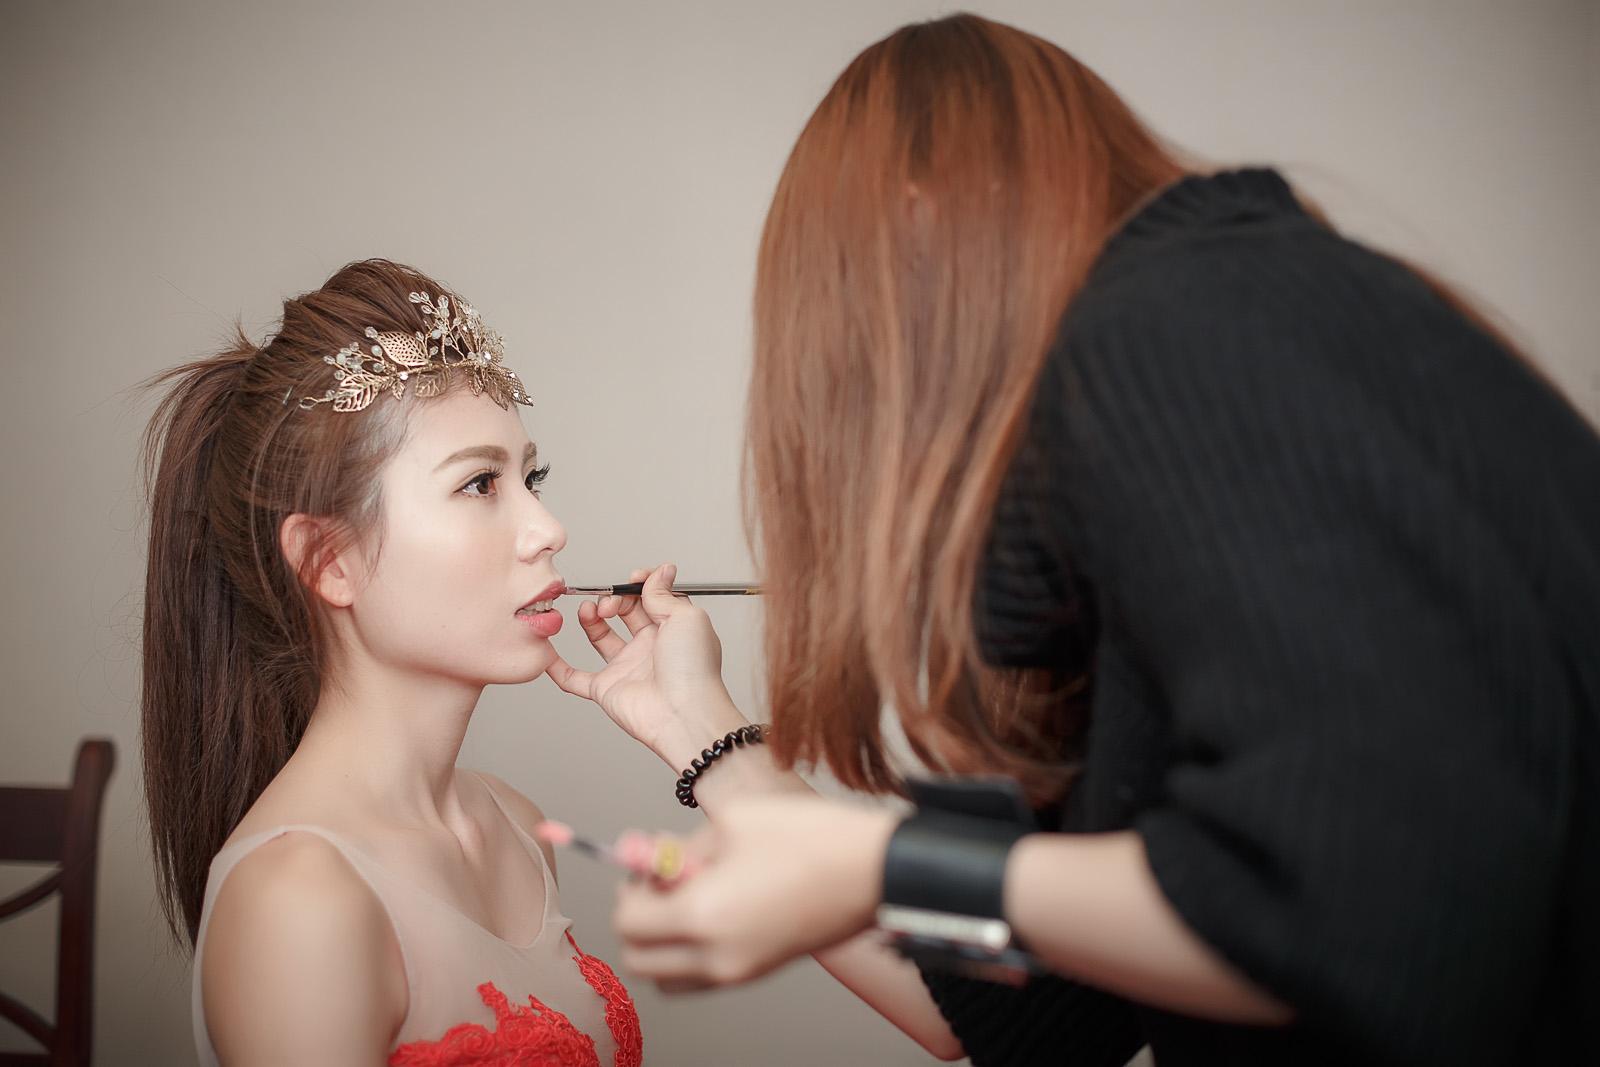 高雄圓山飯店,婚禮攝影,婚攝,高雄婚攝,優質婚攝推薦,Jen&Ethan-004